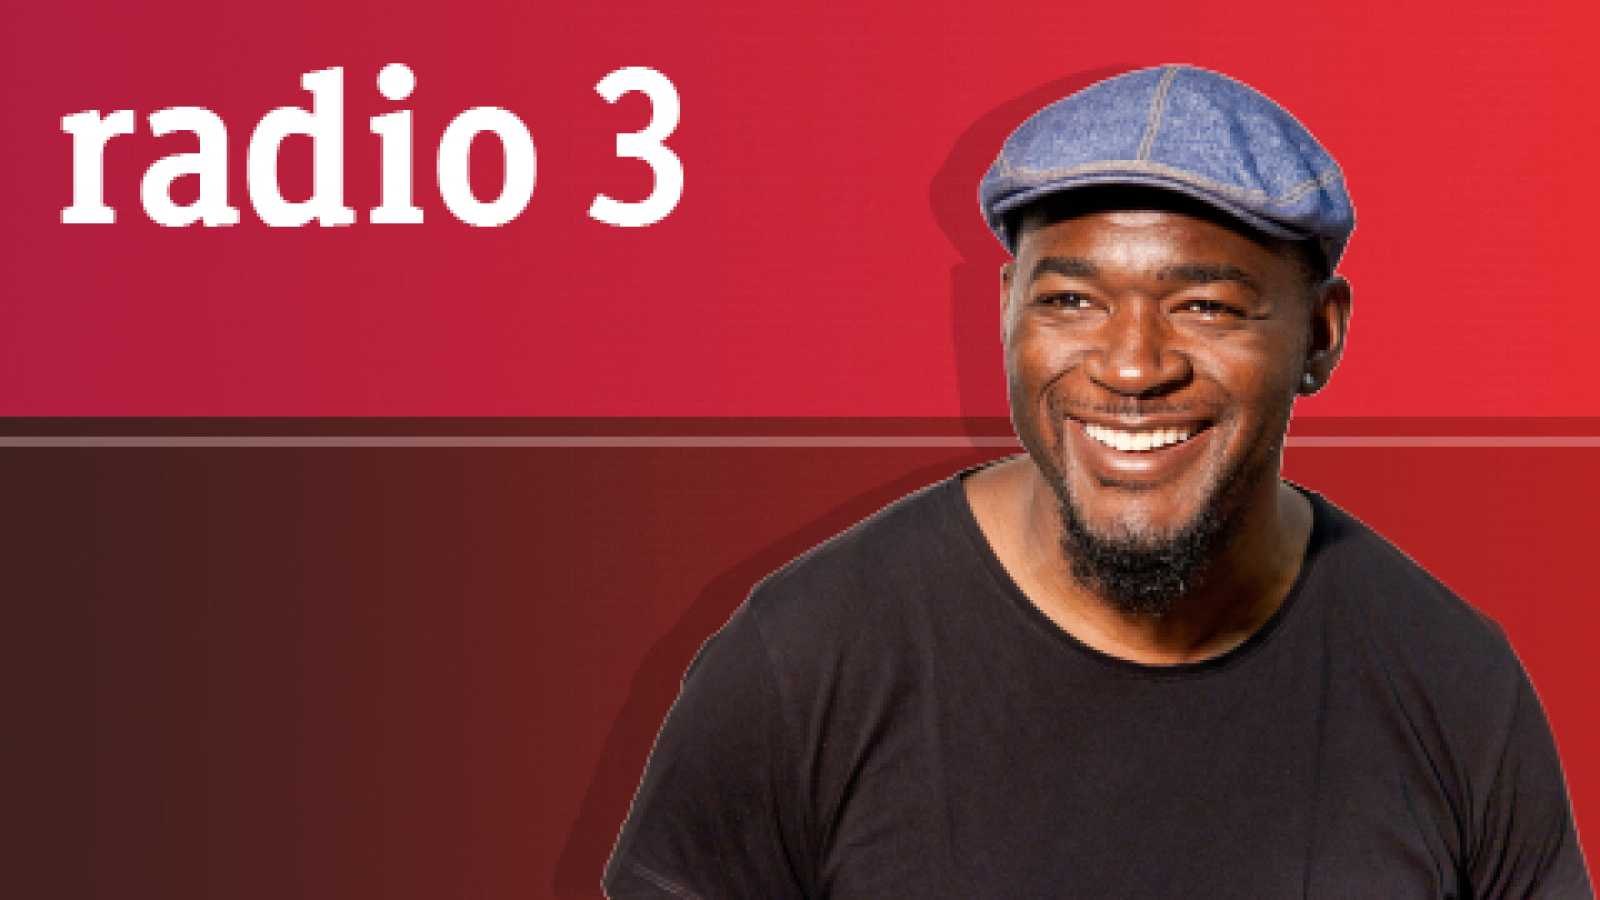 La Cuarta Parte - SR CHEN presenta Como No Hacer un Trio - 22/01/21 - escuchar ahora